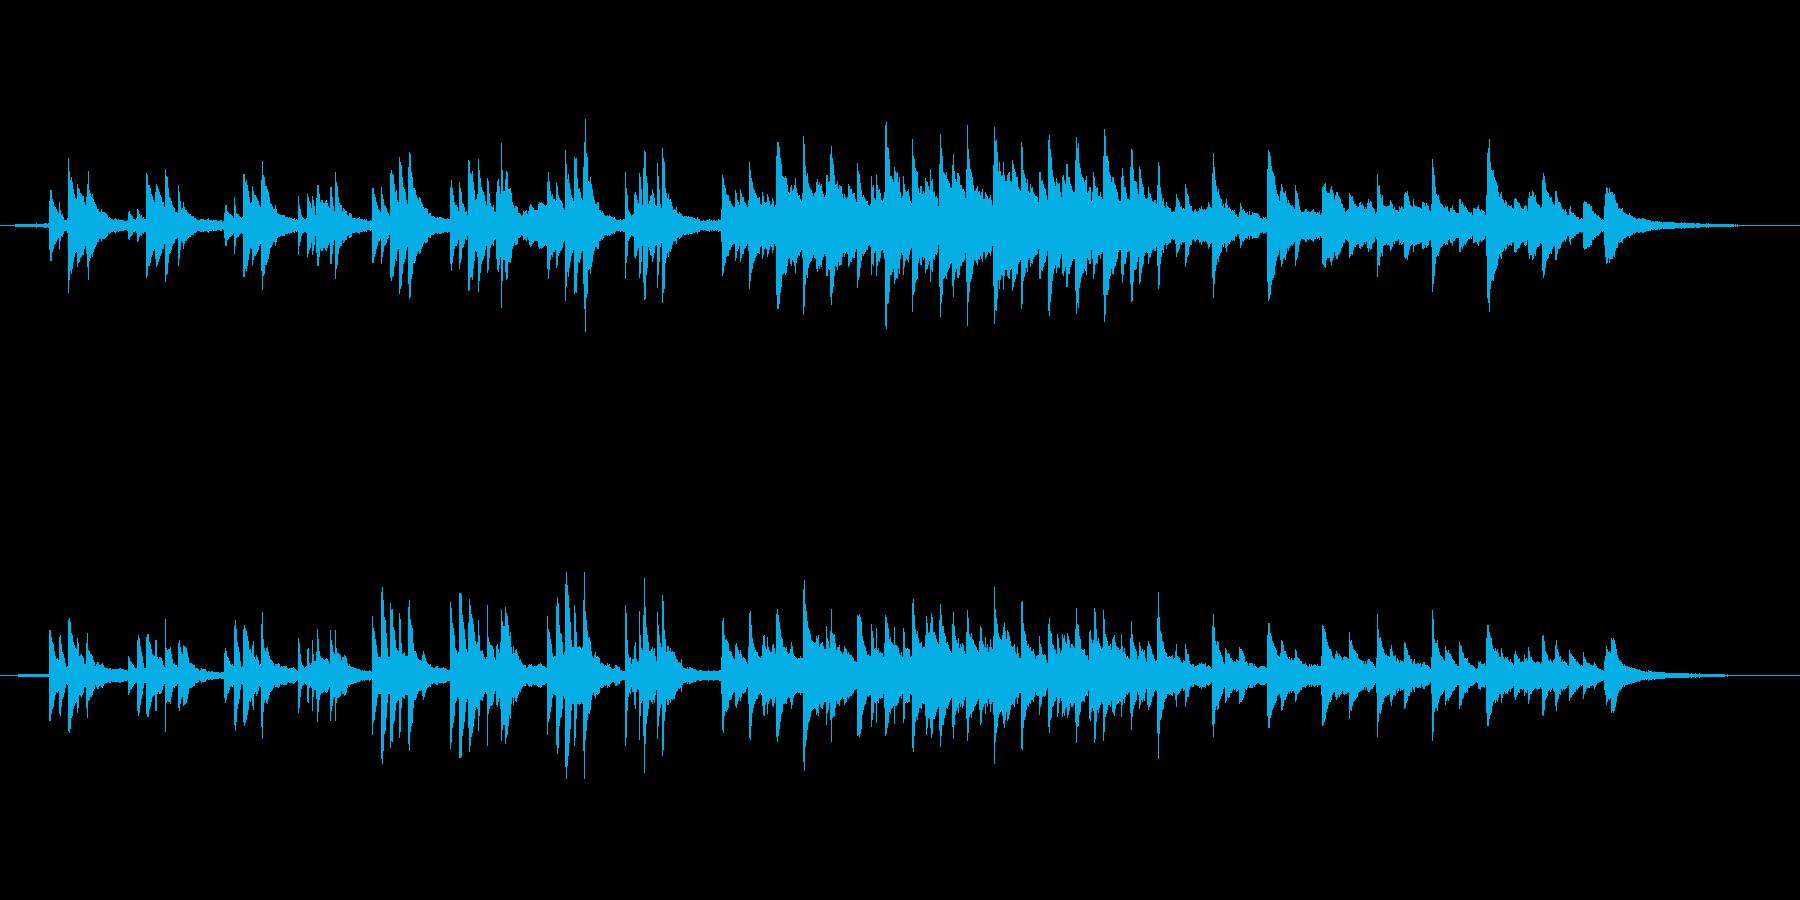 シリアス ミステリアス 幻想の再生済みの波形